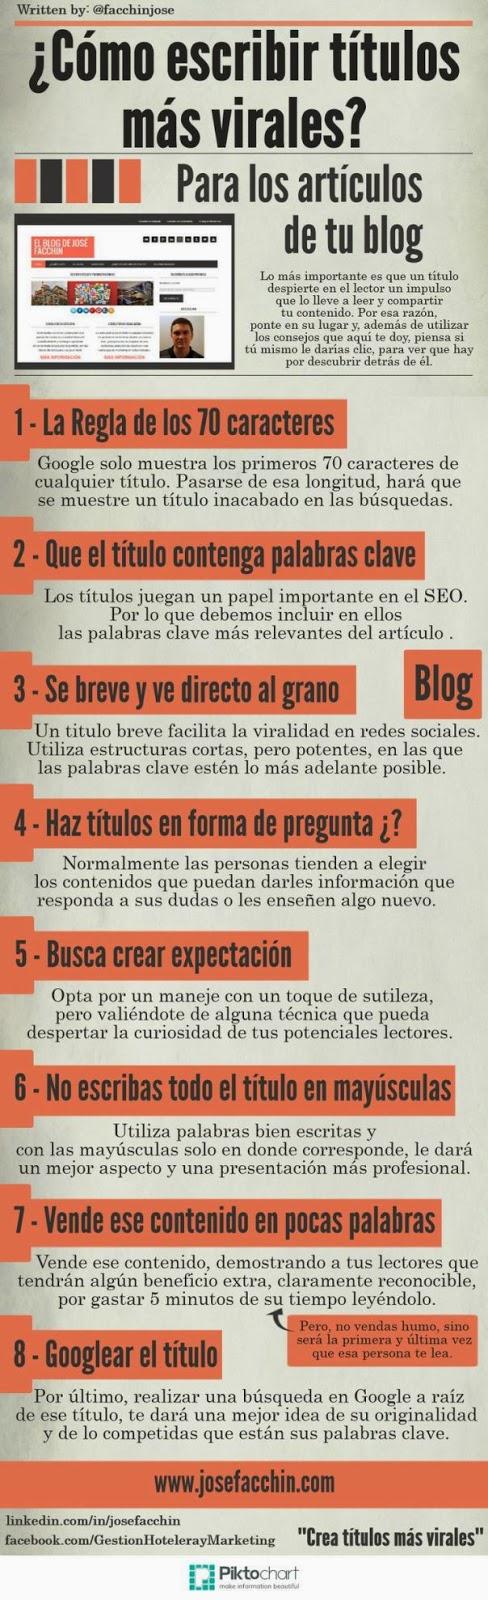 Infografía: ¿Cómo escribir títulos más virales para los artículos de tu blog?